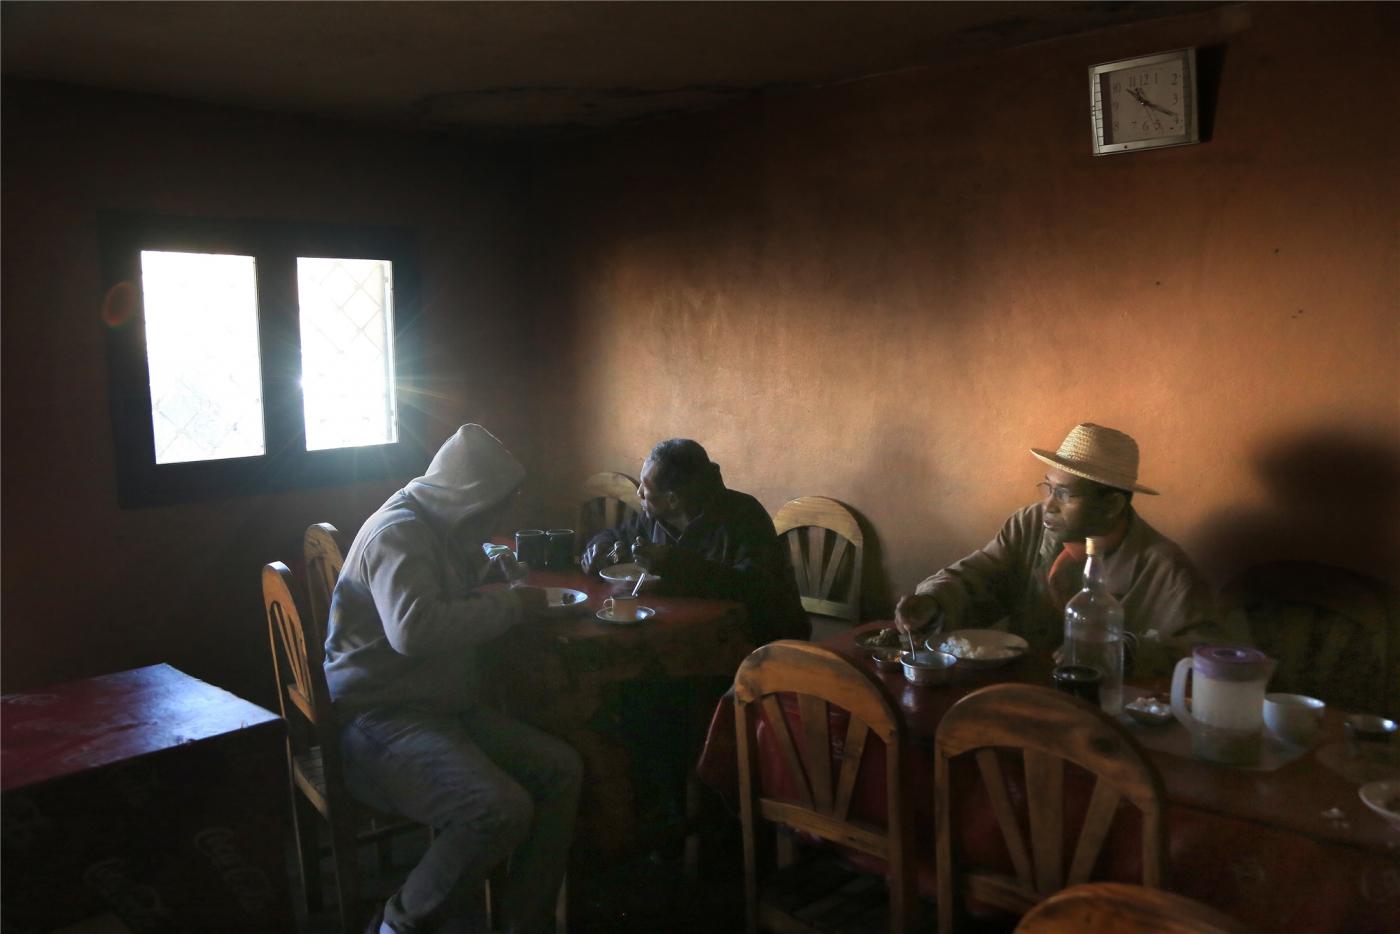 【原创实拍】黑色脸谱  ——行摄南部非洲(人像篇)_图1-7